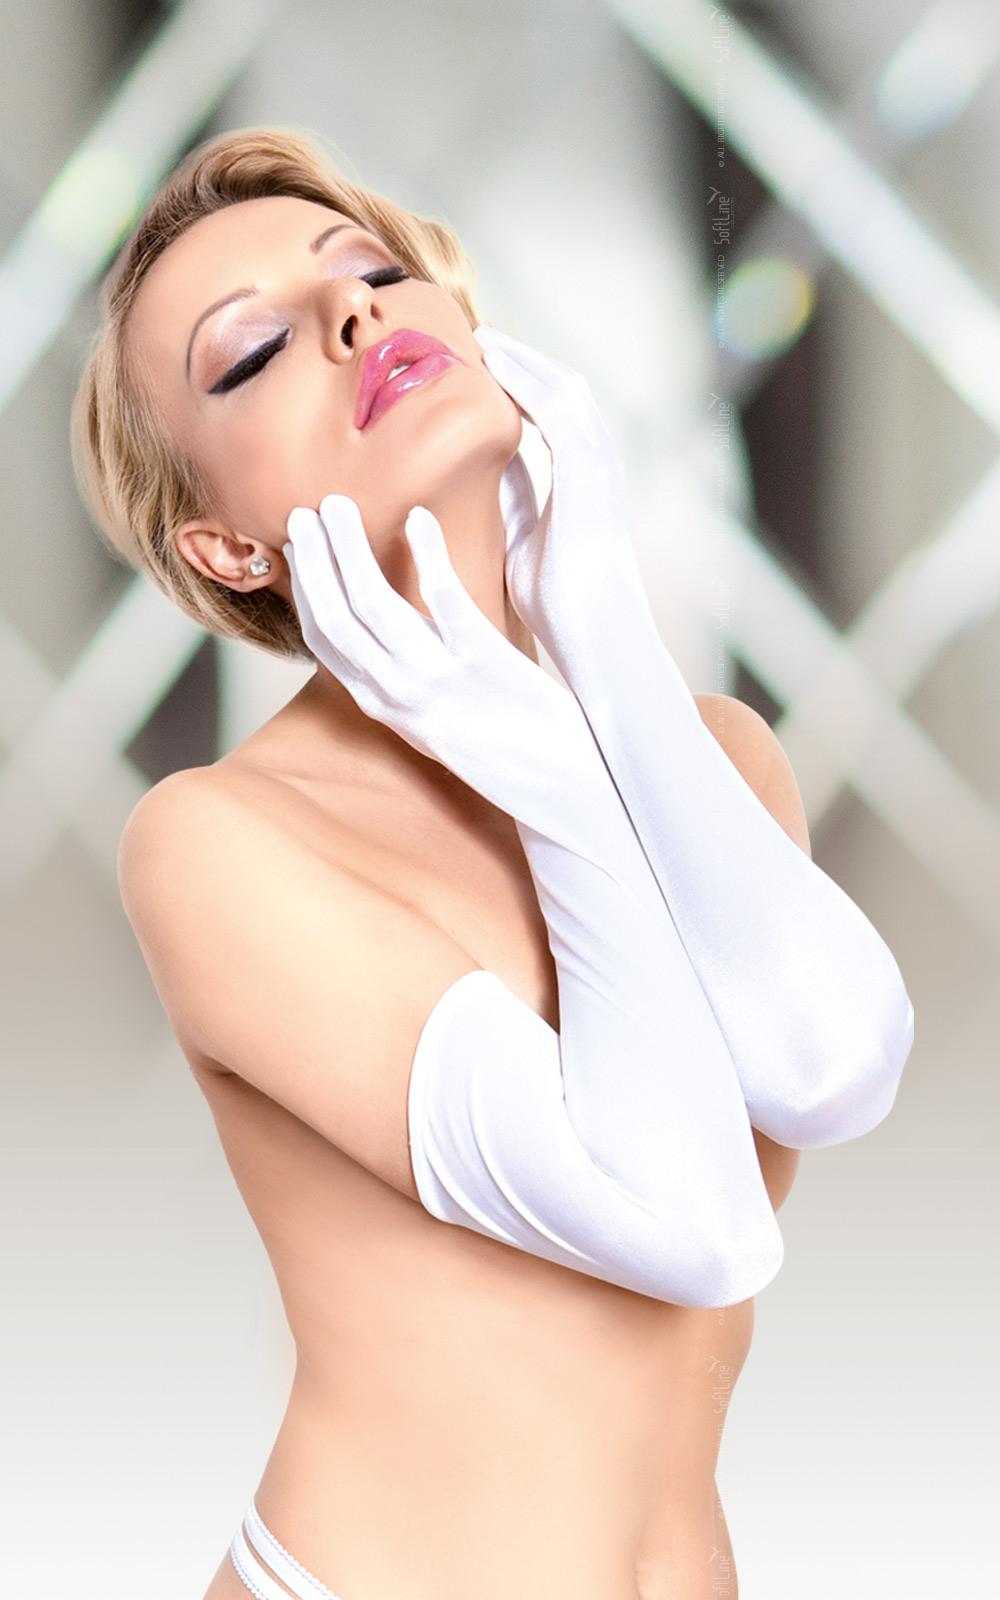 Фото эротика в перчатках 27 фотография